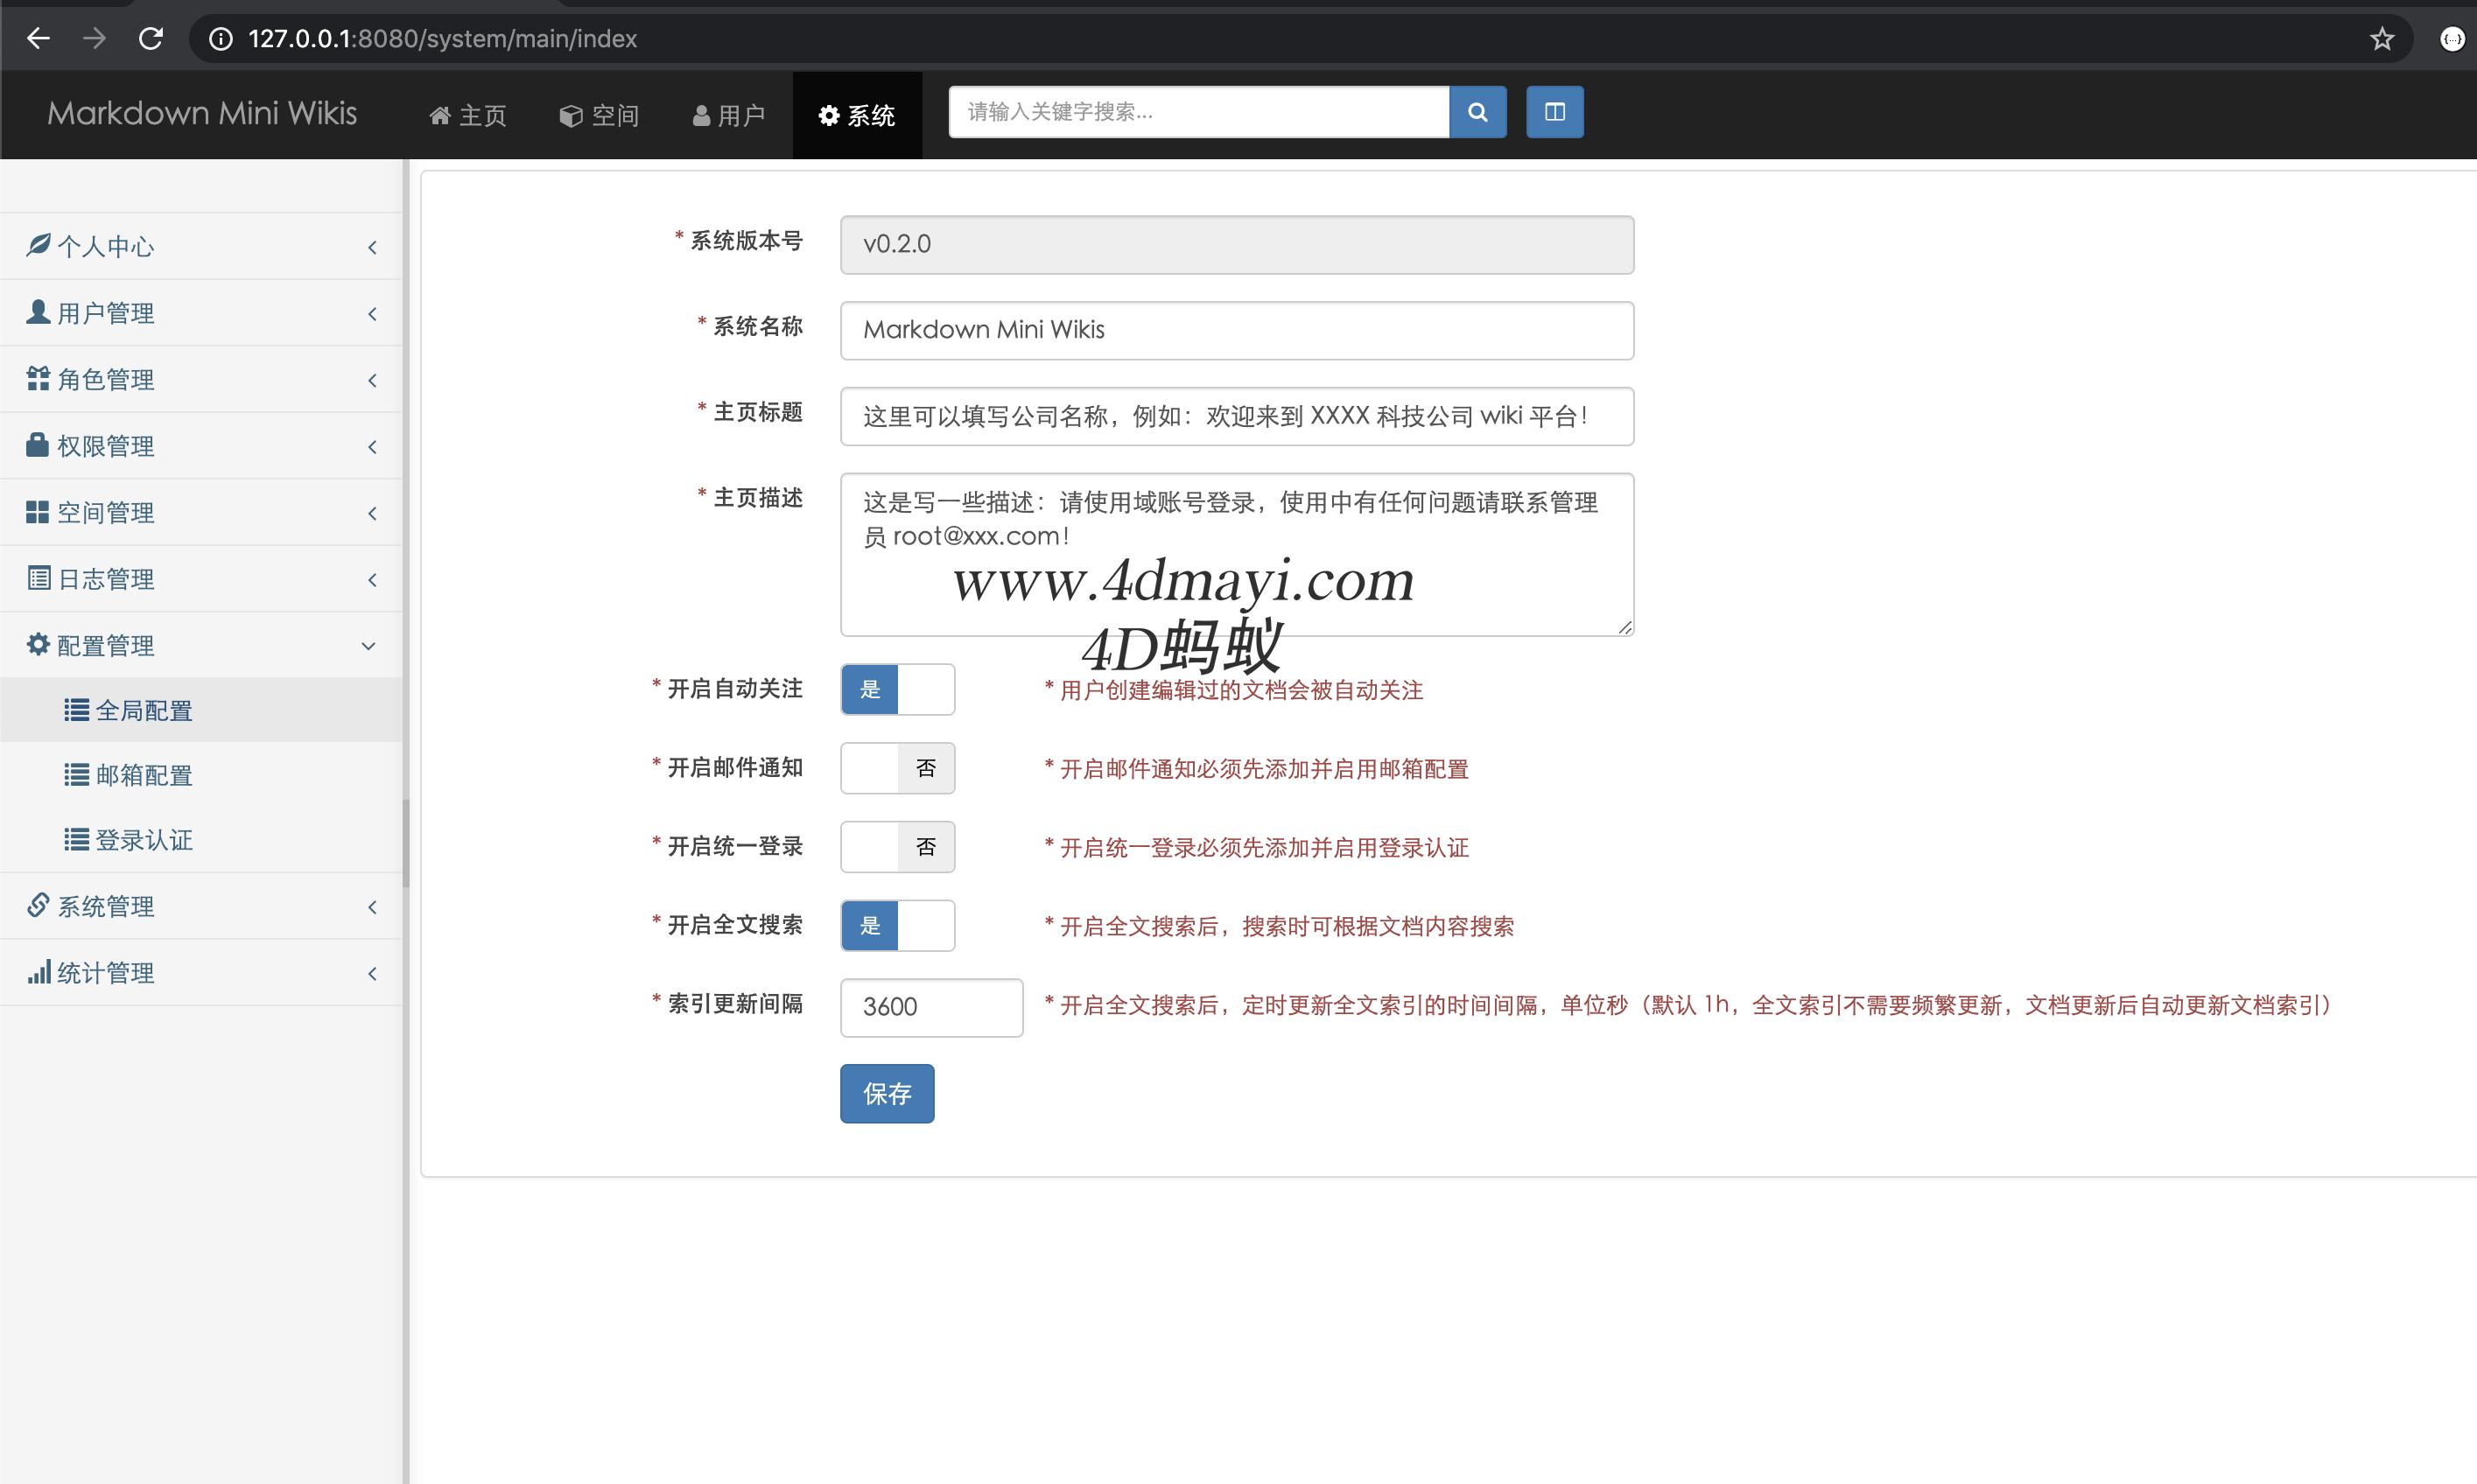 使用MM-Wiki轻量团队协同软件源码搭建企业知识分享平台 golang